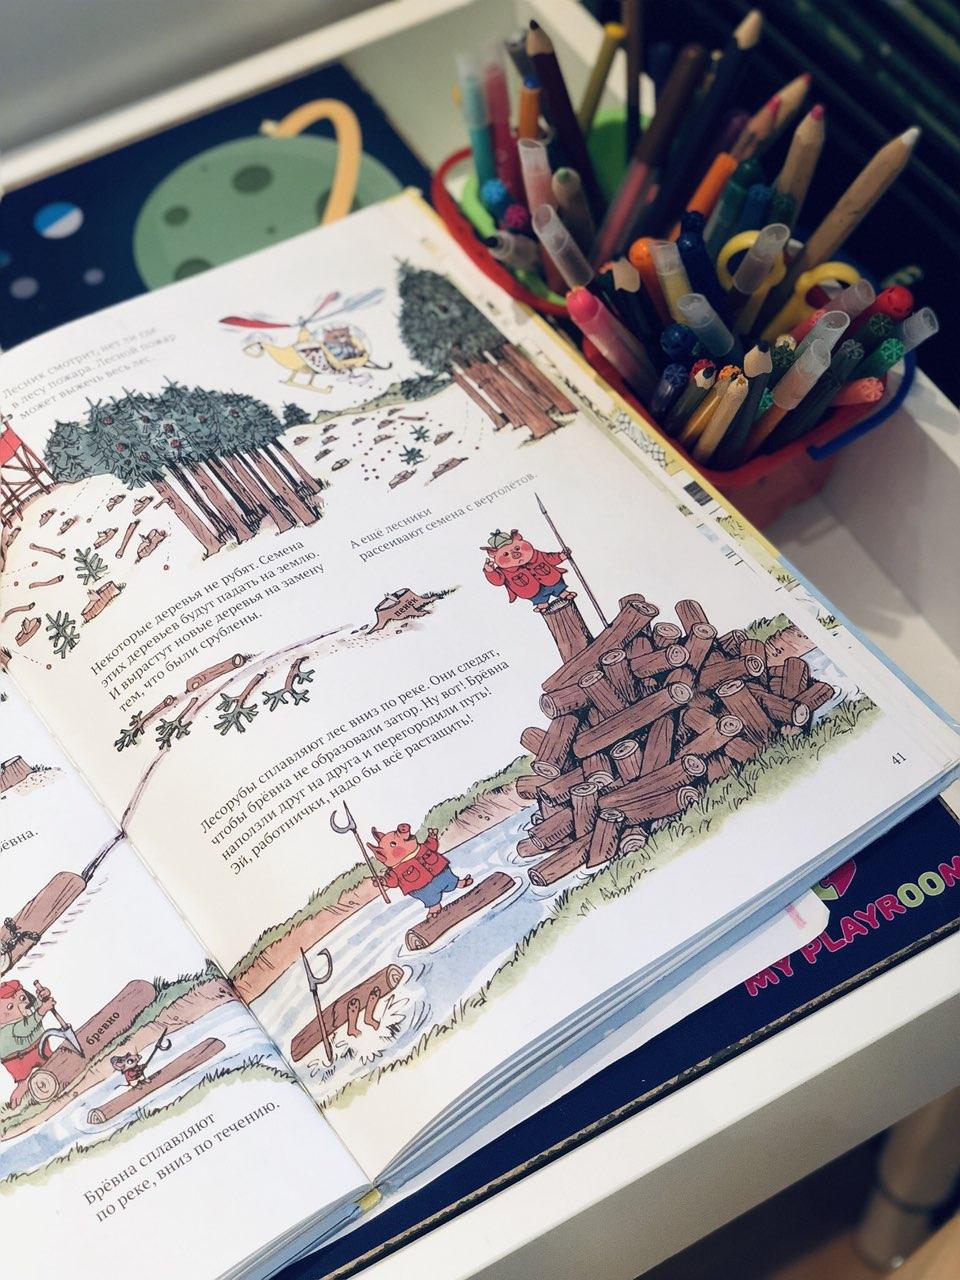 Страницы из книги Ричарда Скарри «Город добрых дел»